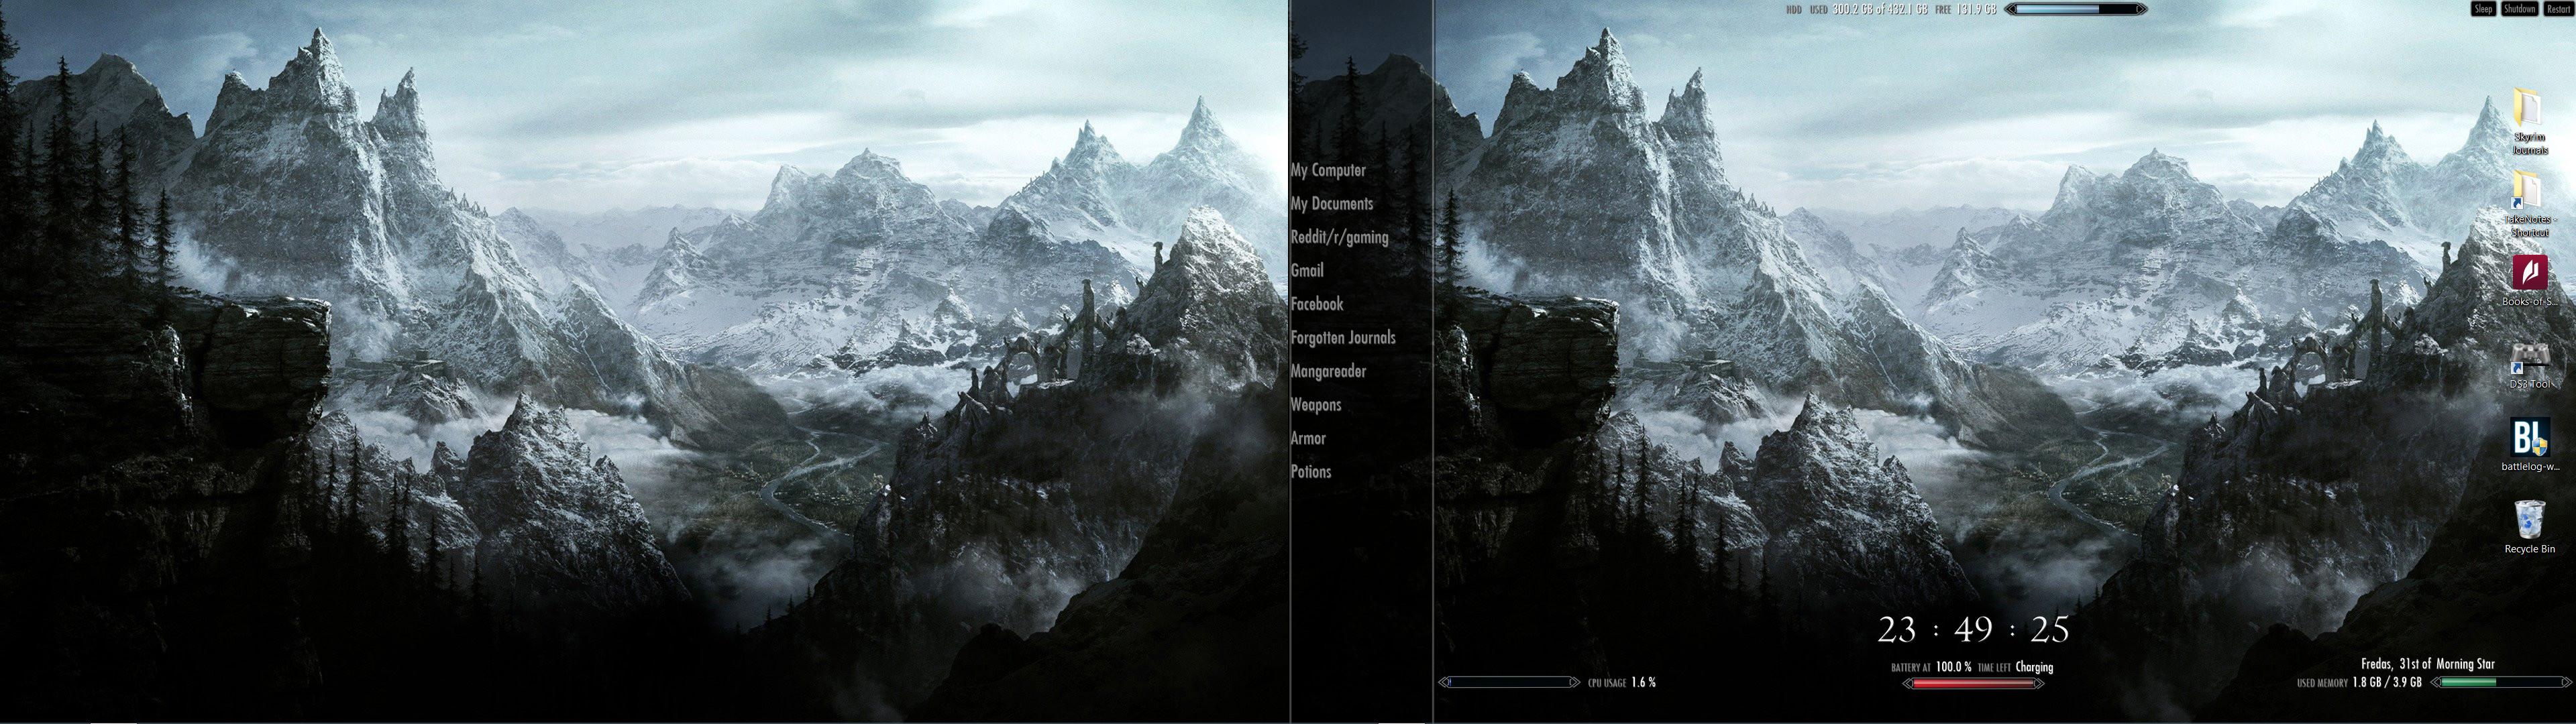 Skyrim Dual Monitor Wallpaper 39 Images